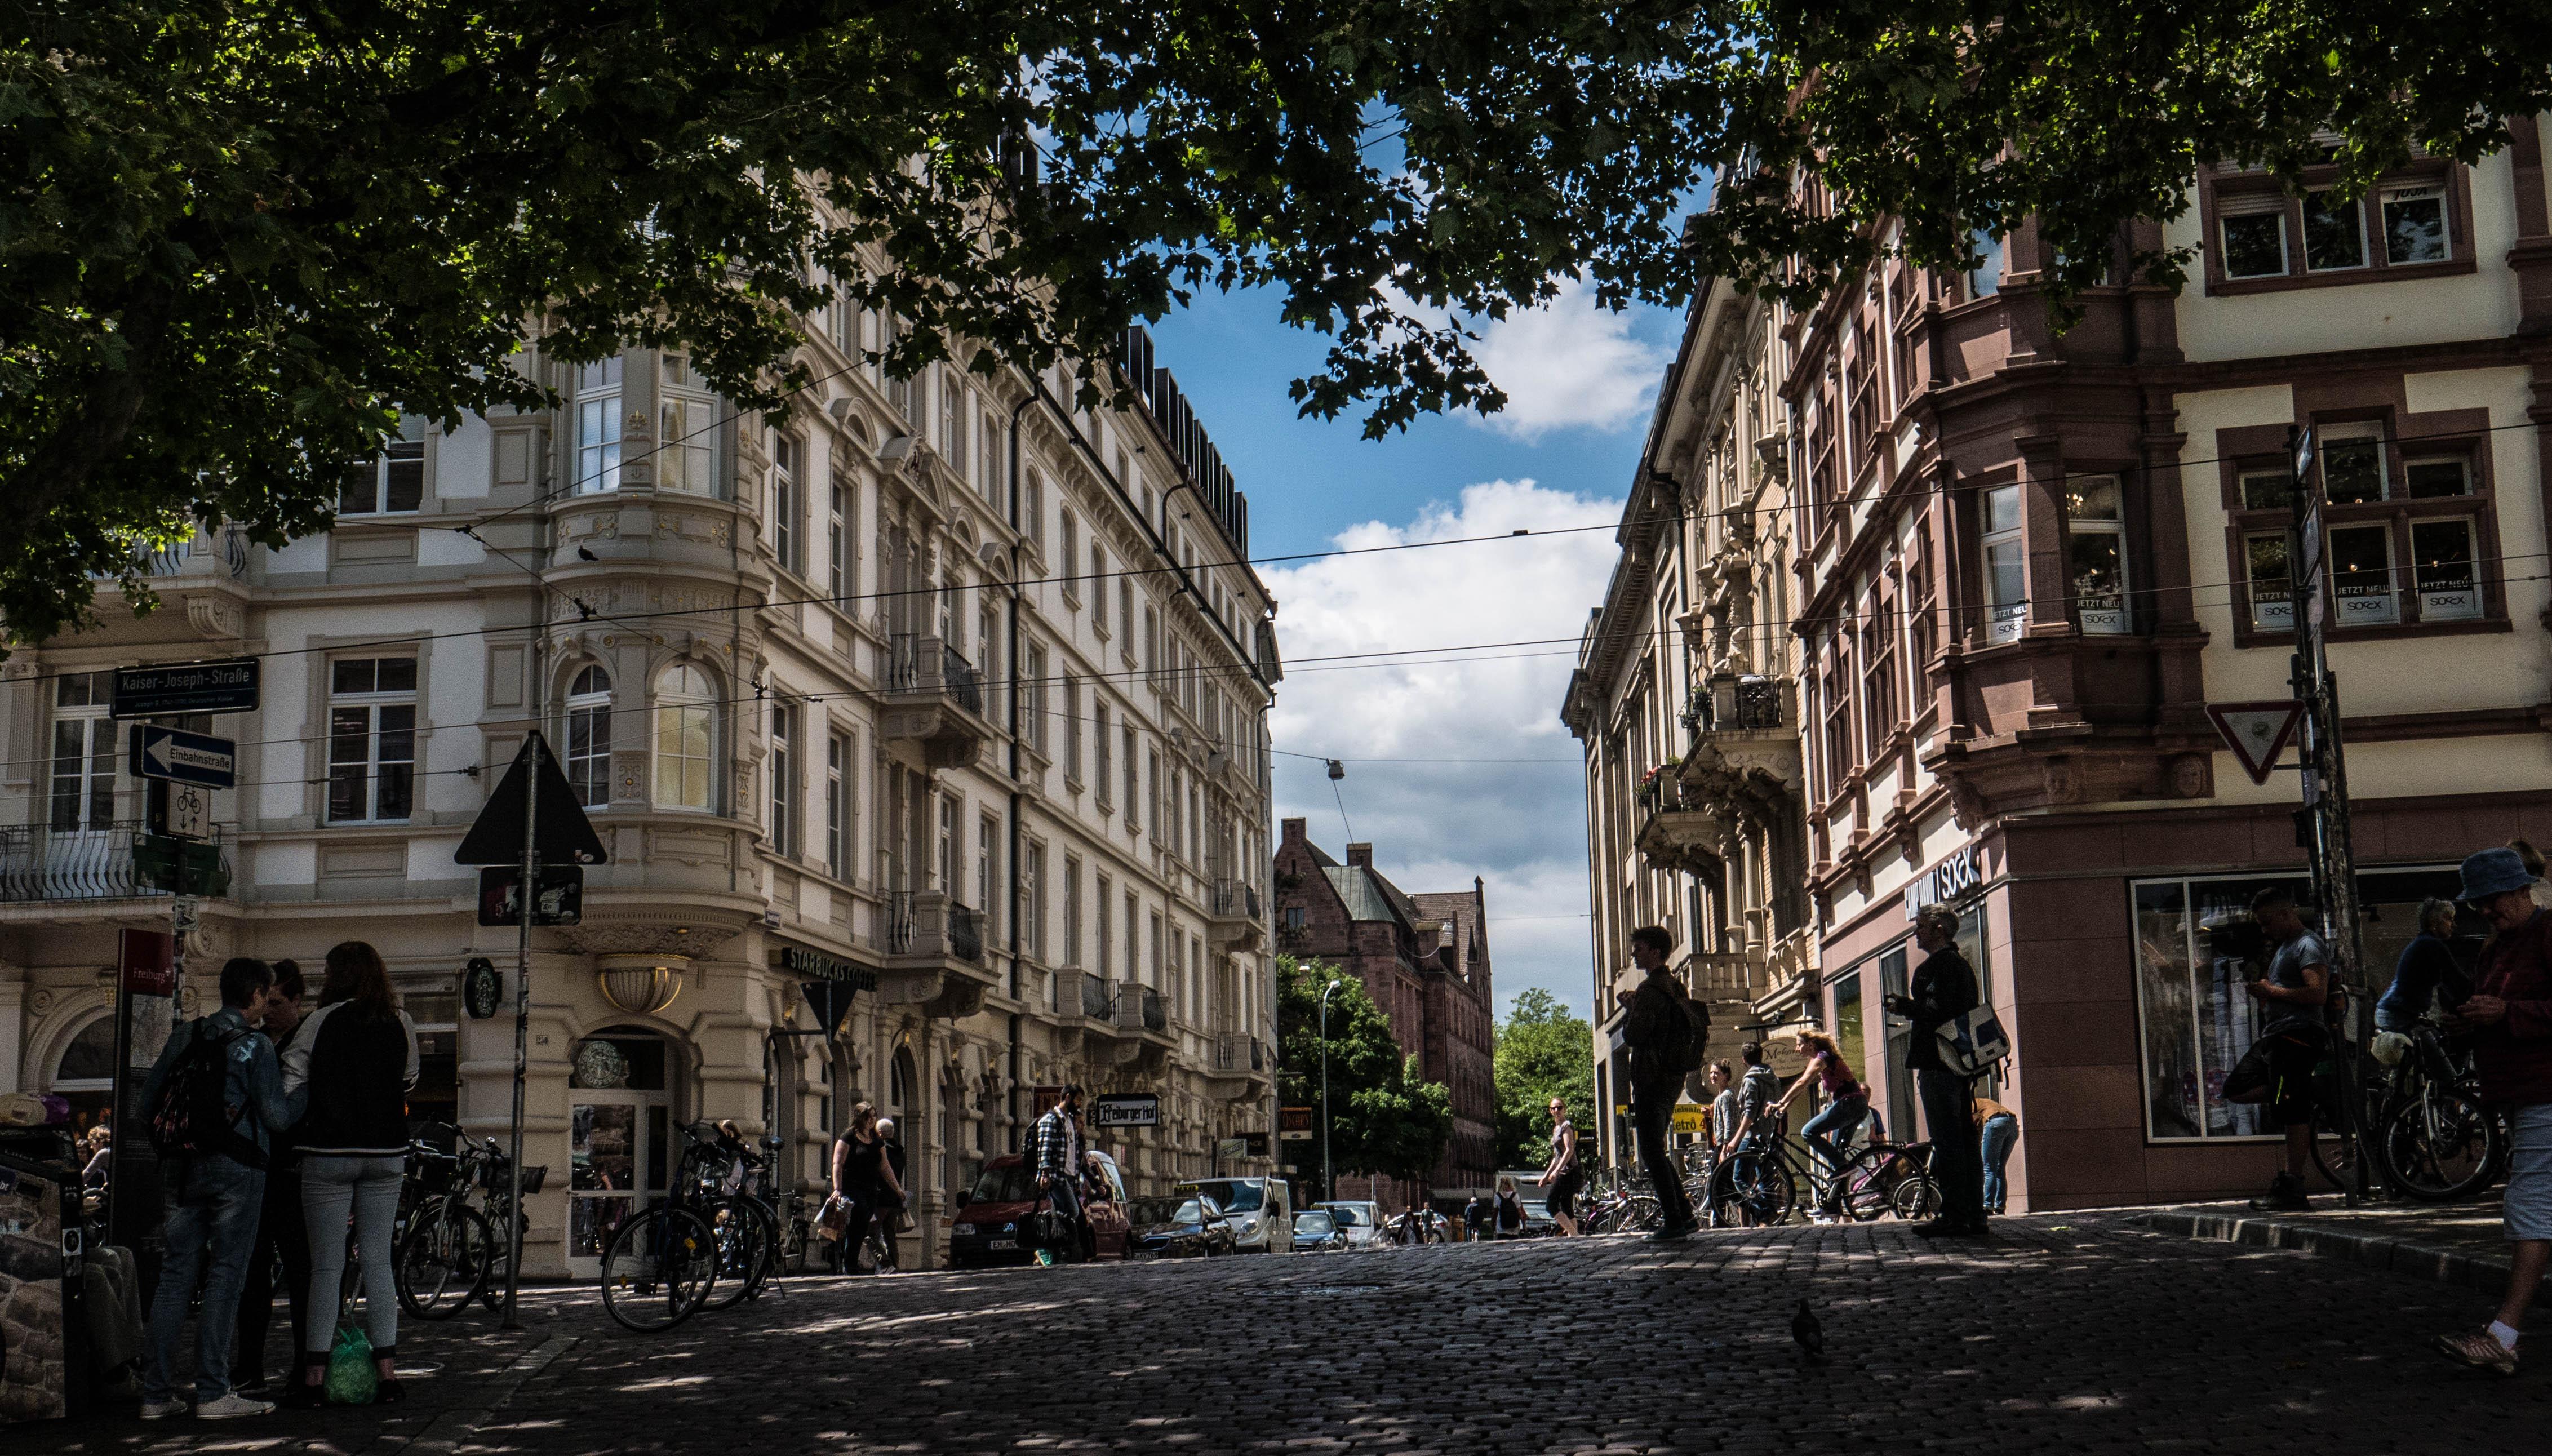 Les rues animées de Freiburg en Allemagne.